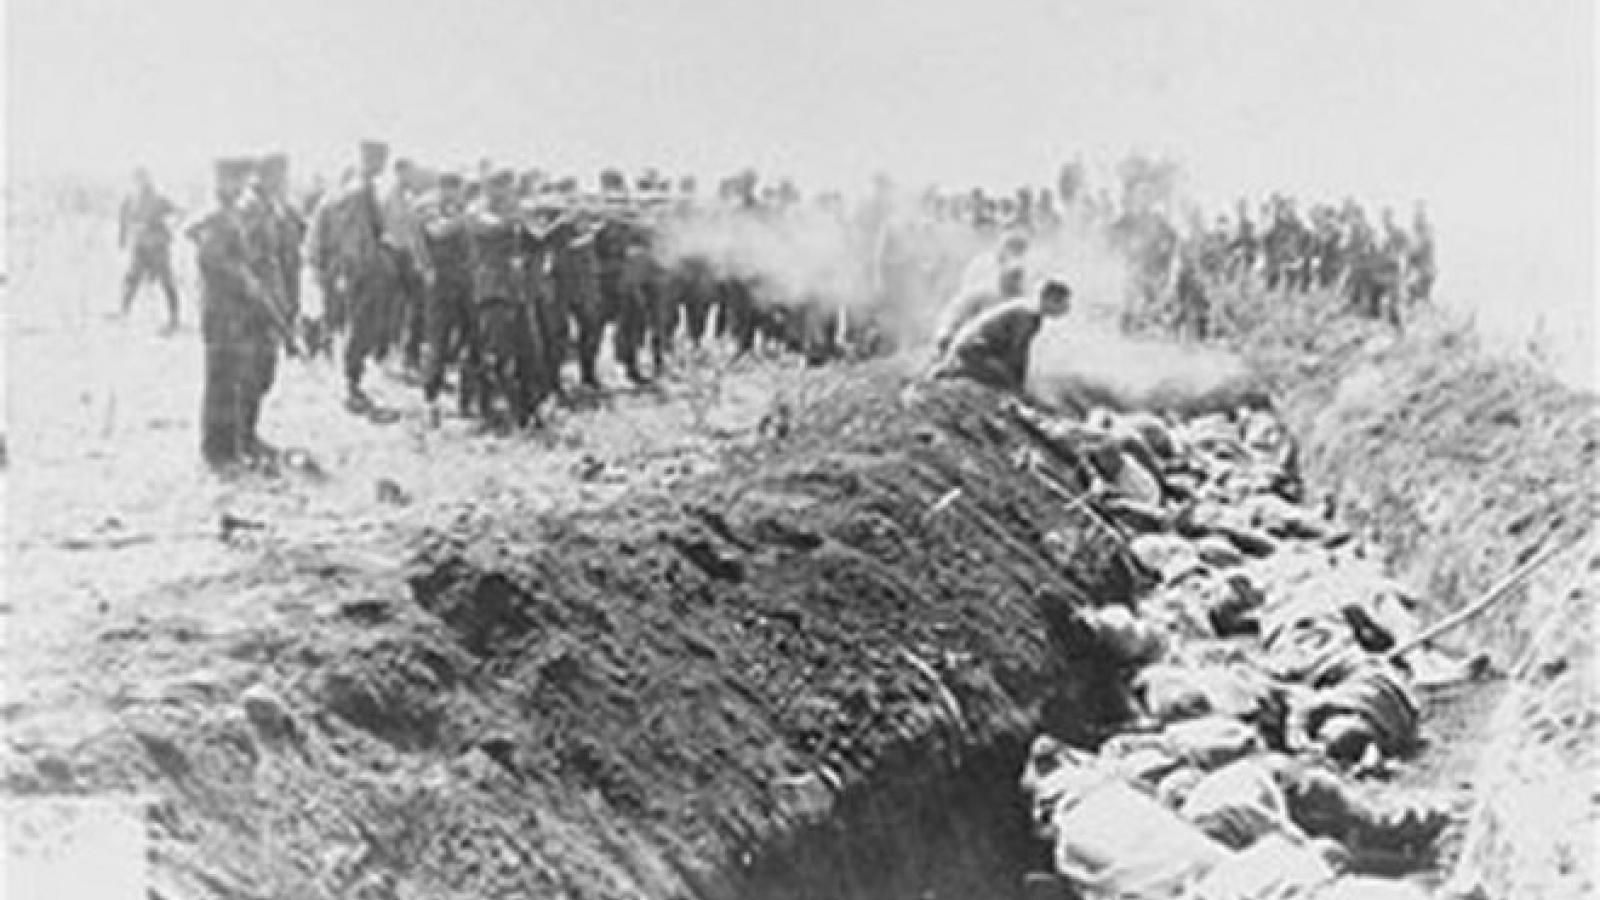 Những vụ thảm sát kinh hoàng của Đức Quốc xã trên đất Liên Xô